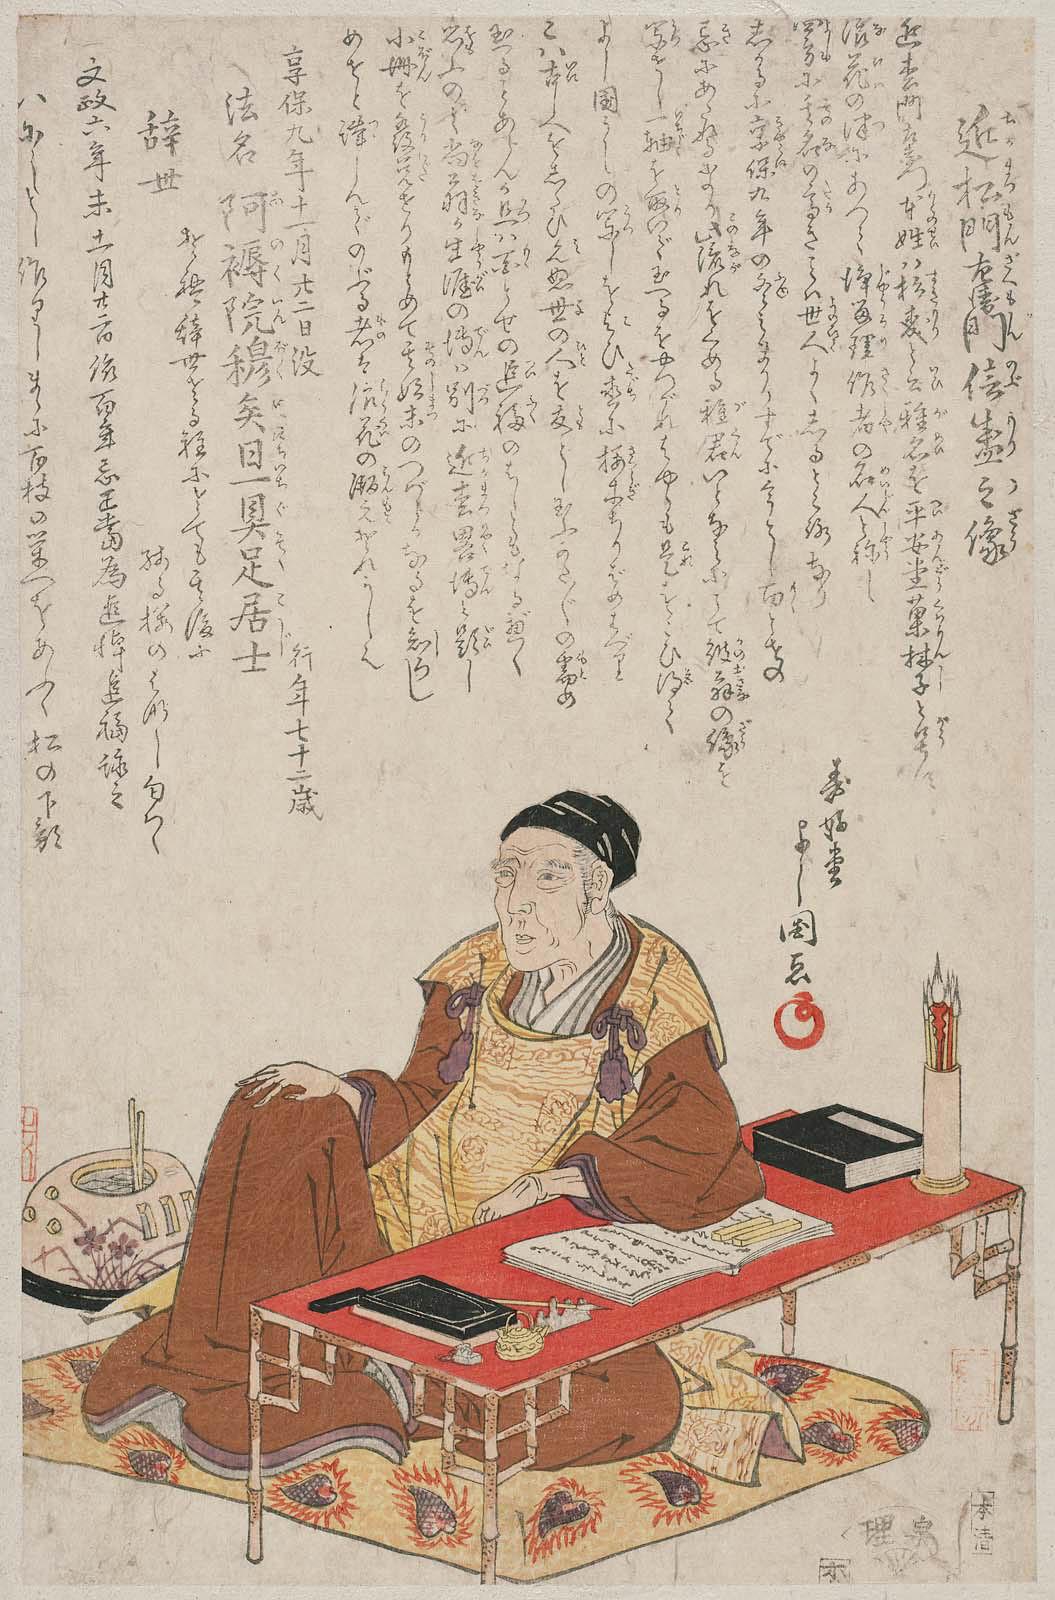 chikamatsu-monzaemon